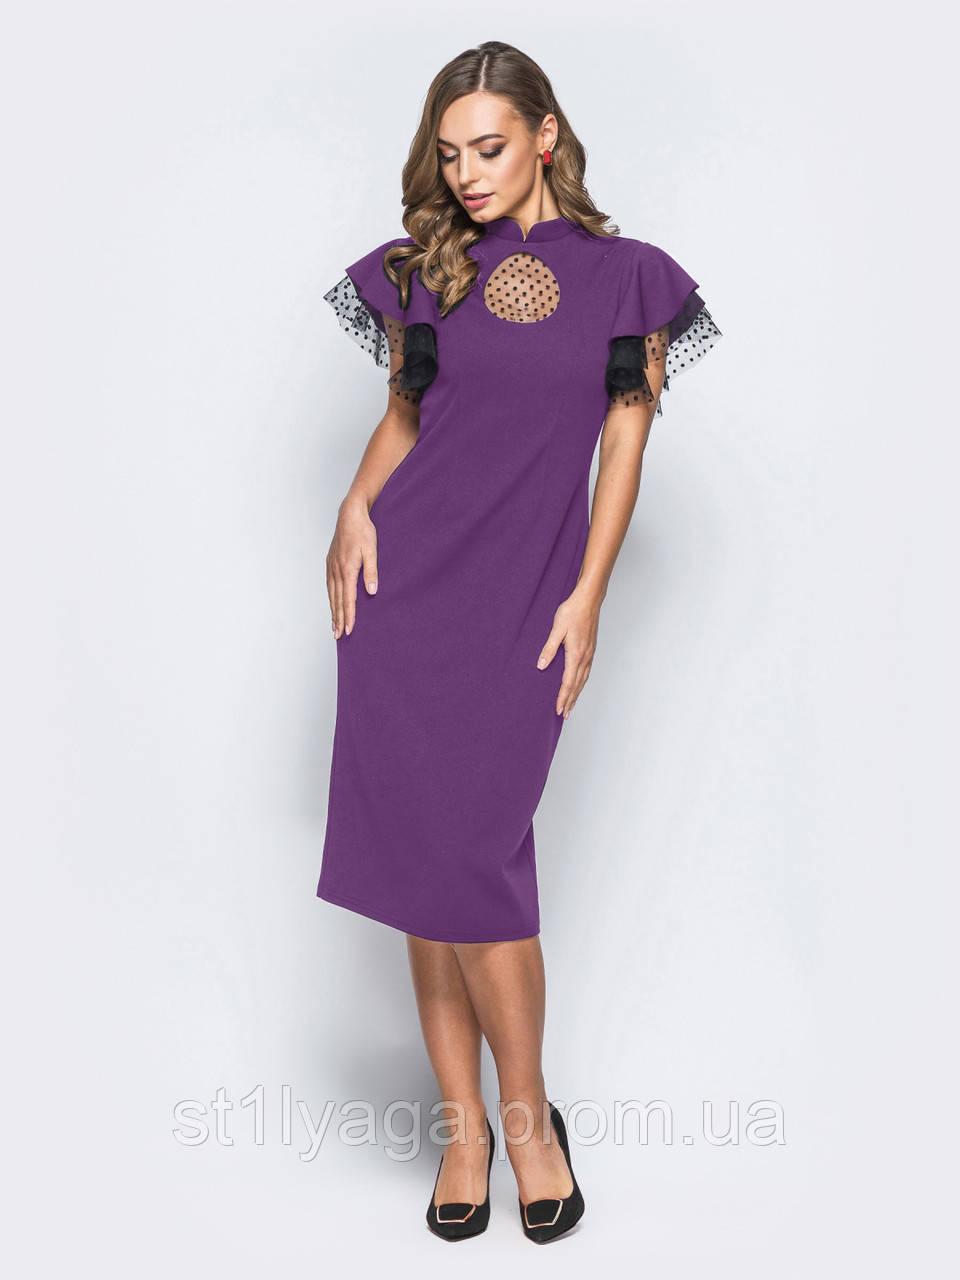 Екстравагантне плаття-міді з вирізом «крапля» на поличці і короткими рукавами рожеве